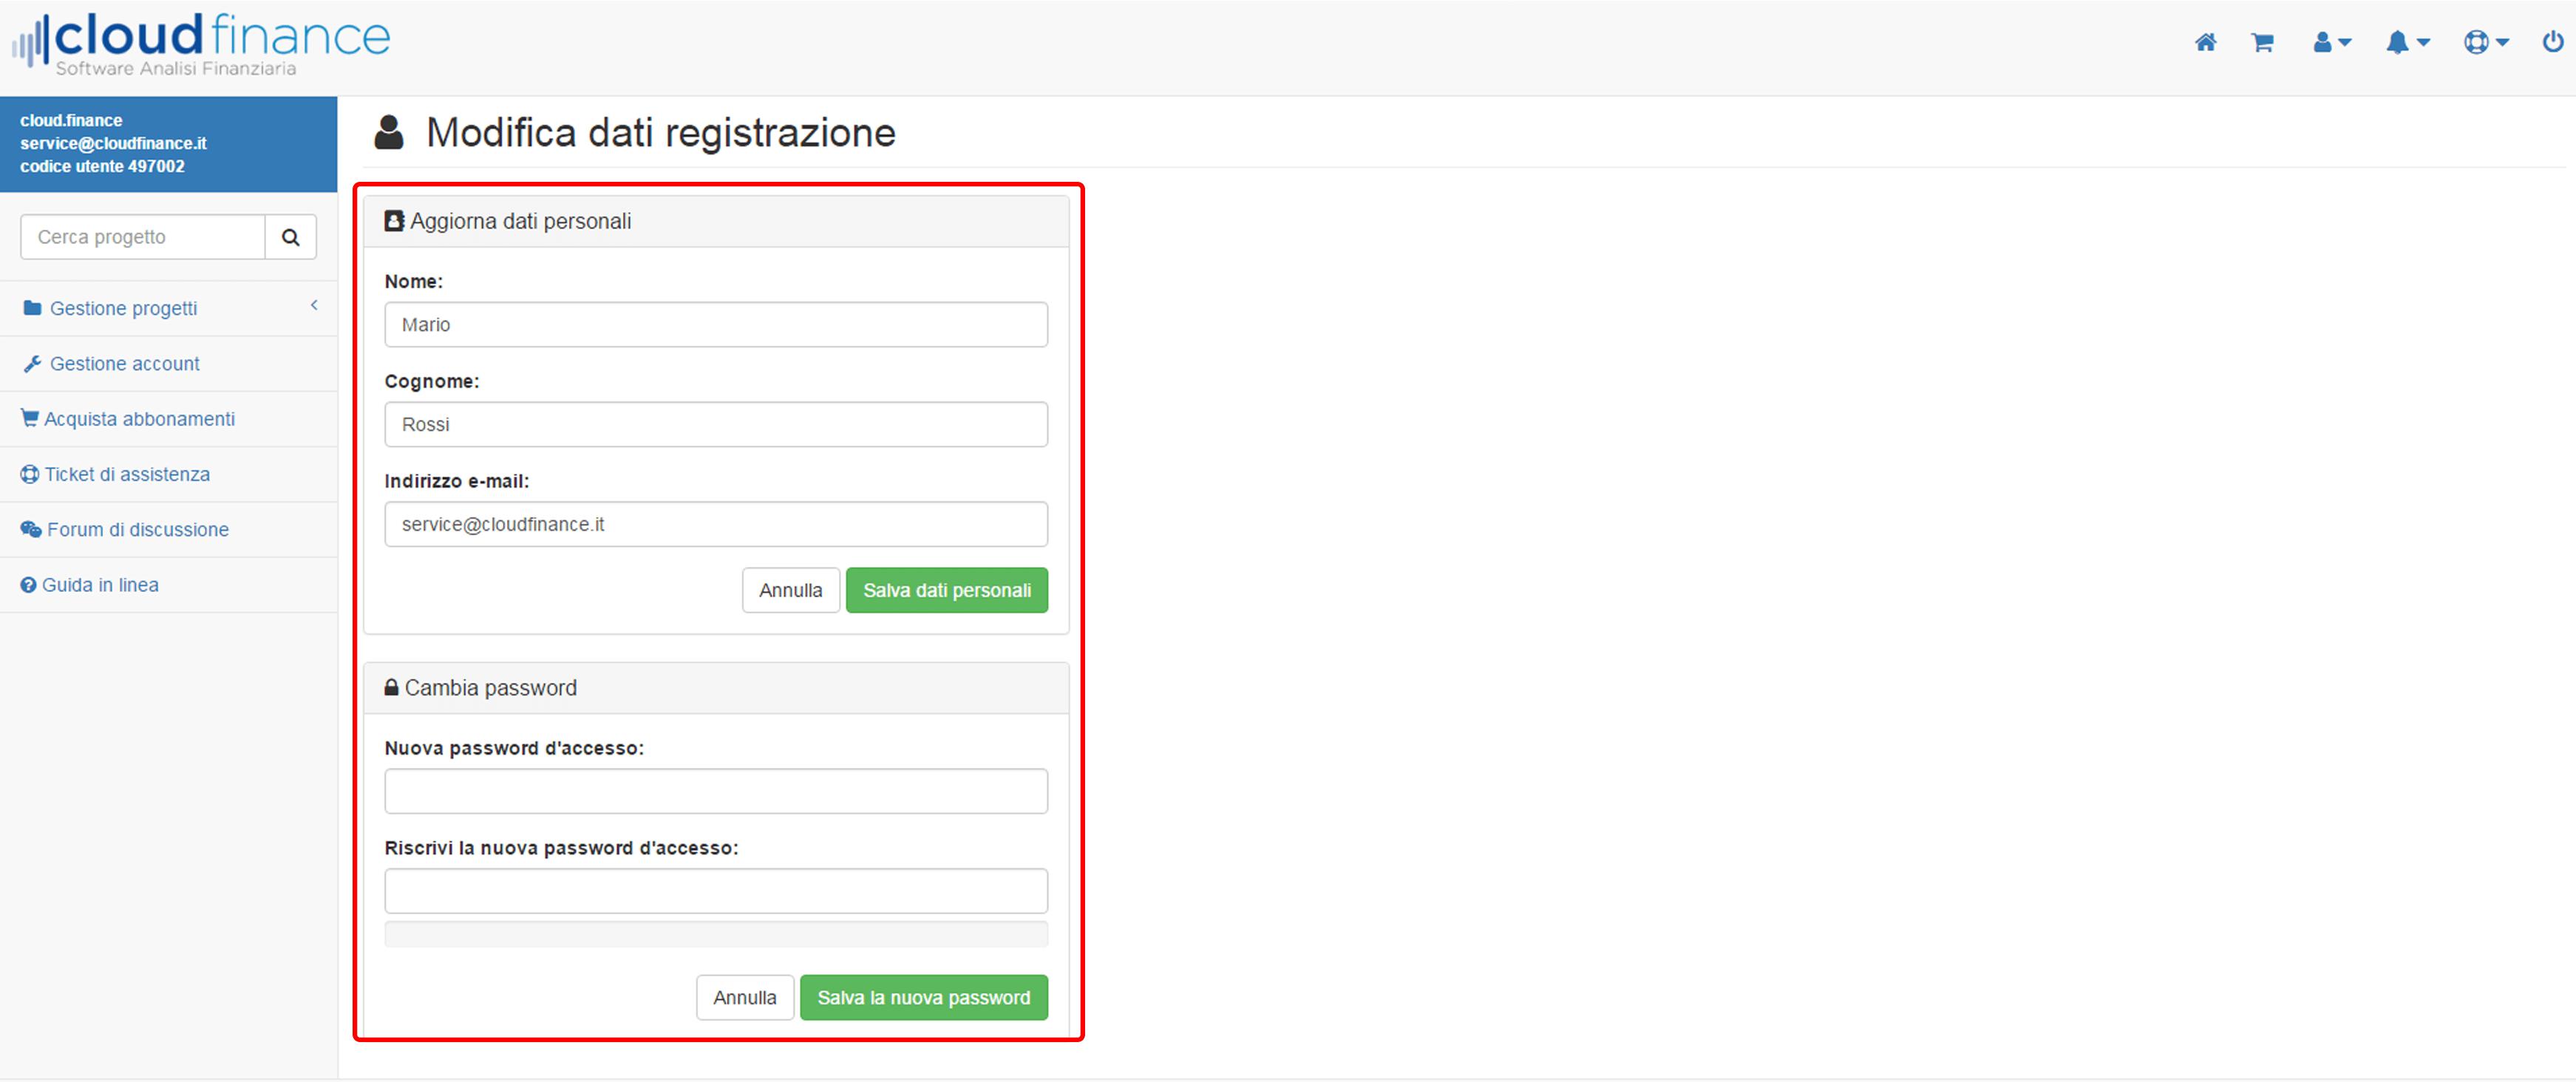 modifica dati registrazione